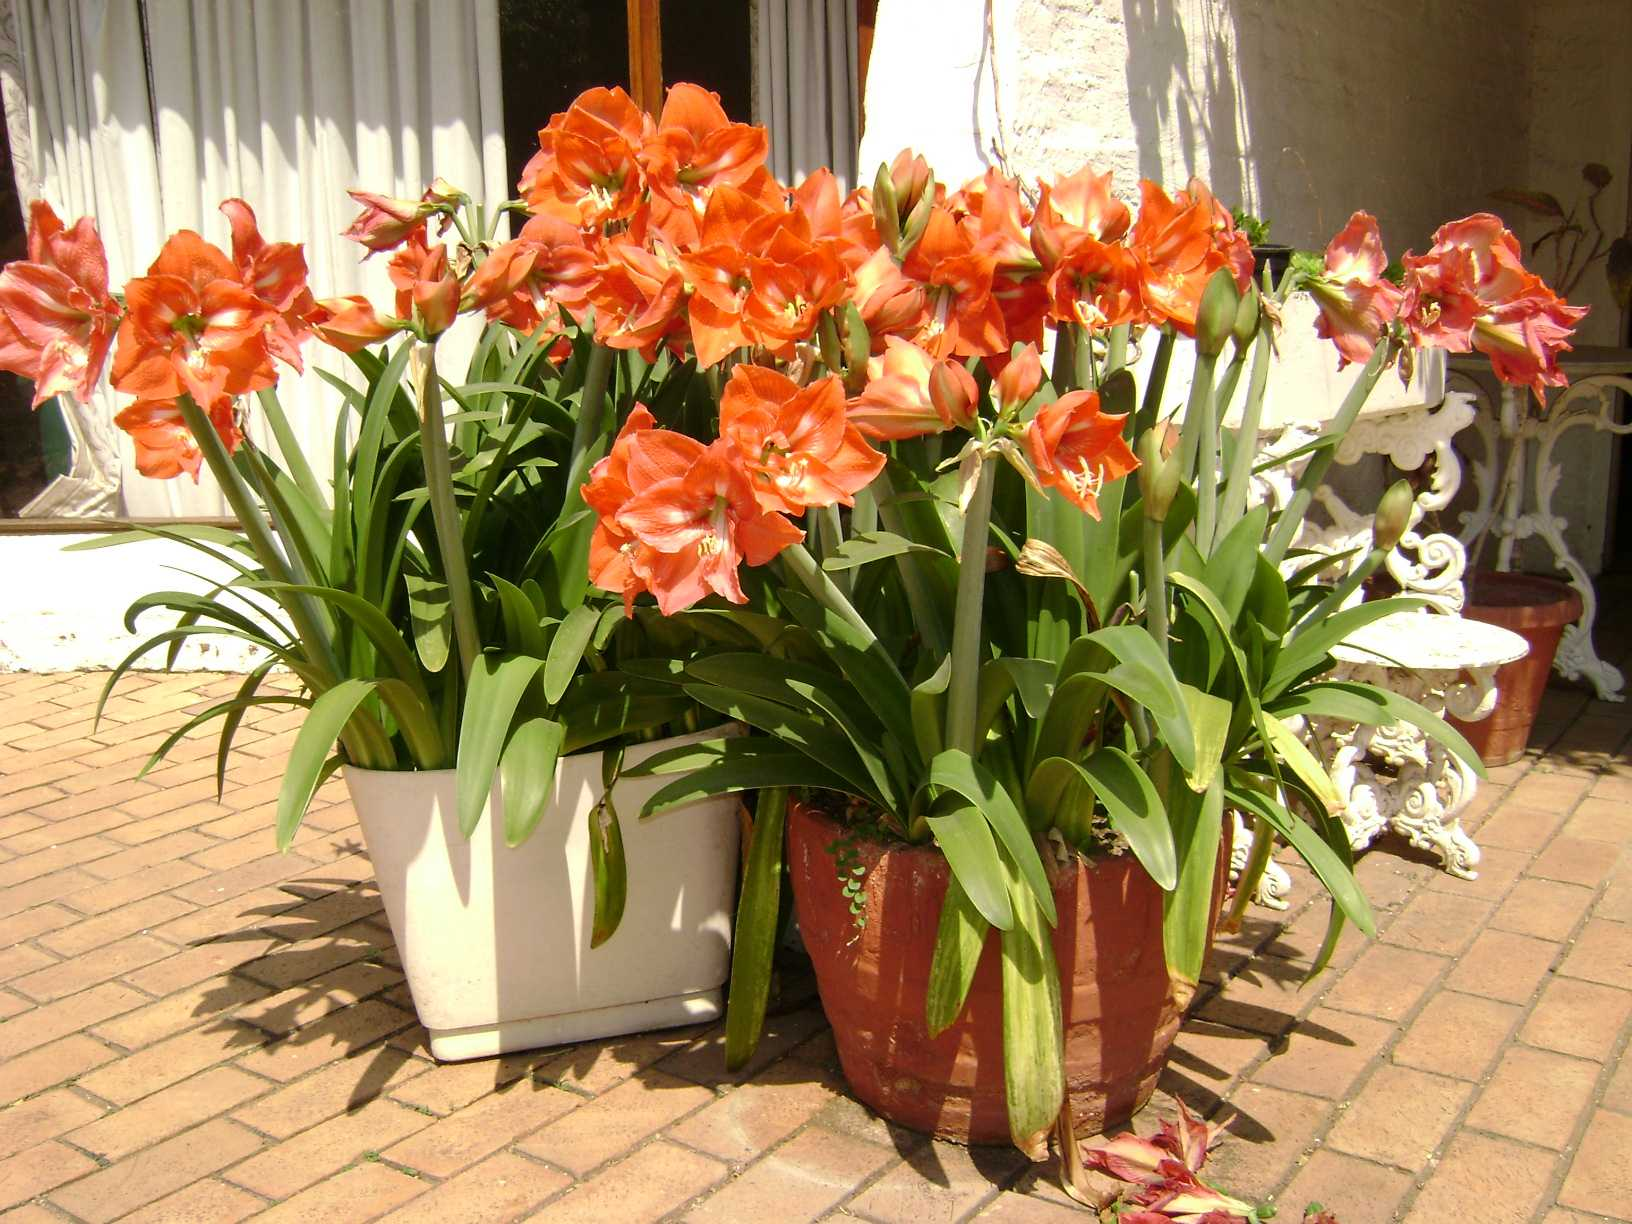 Уход за амариллисом: как вырастить комнатный цветок из семян в домашних условиях